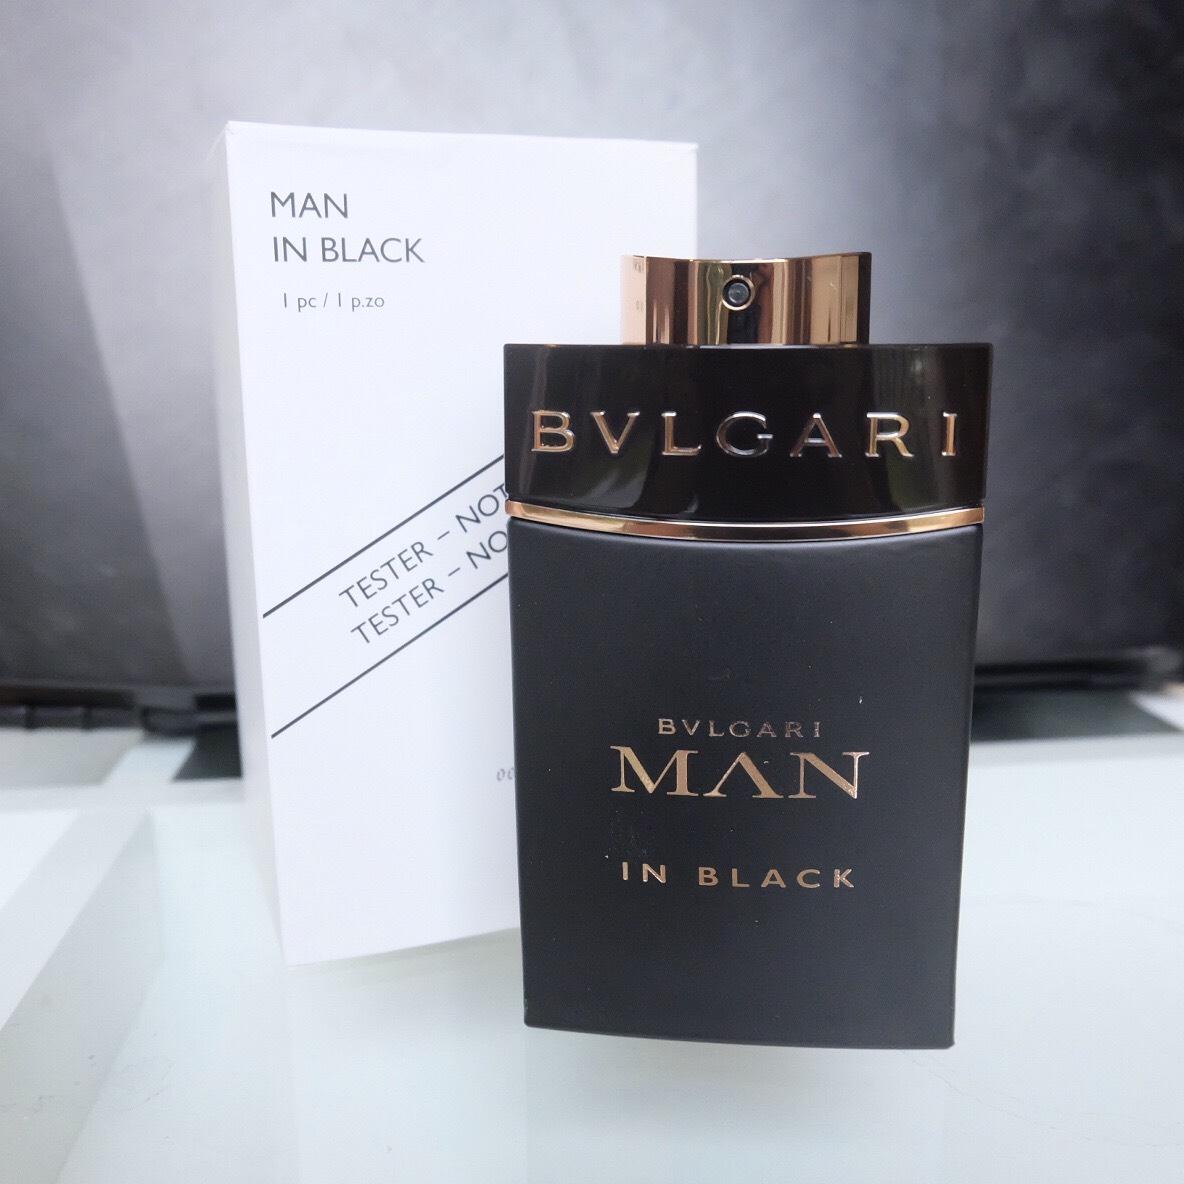 น้ำหอม (กล่องเทสเตอร์) Bvlgari Man In Black 100ml. ของแท้ 100%